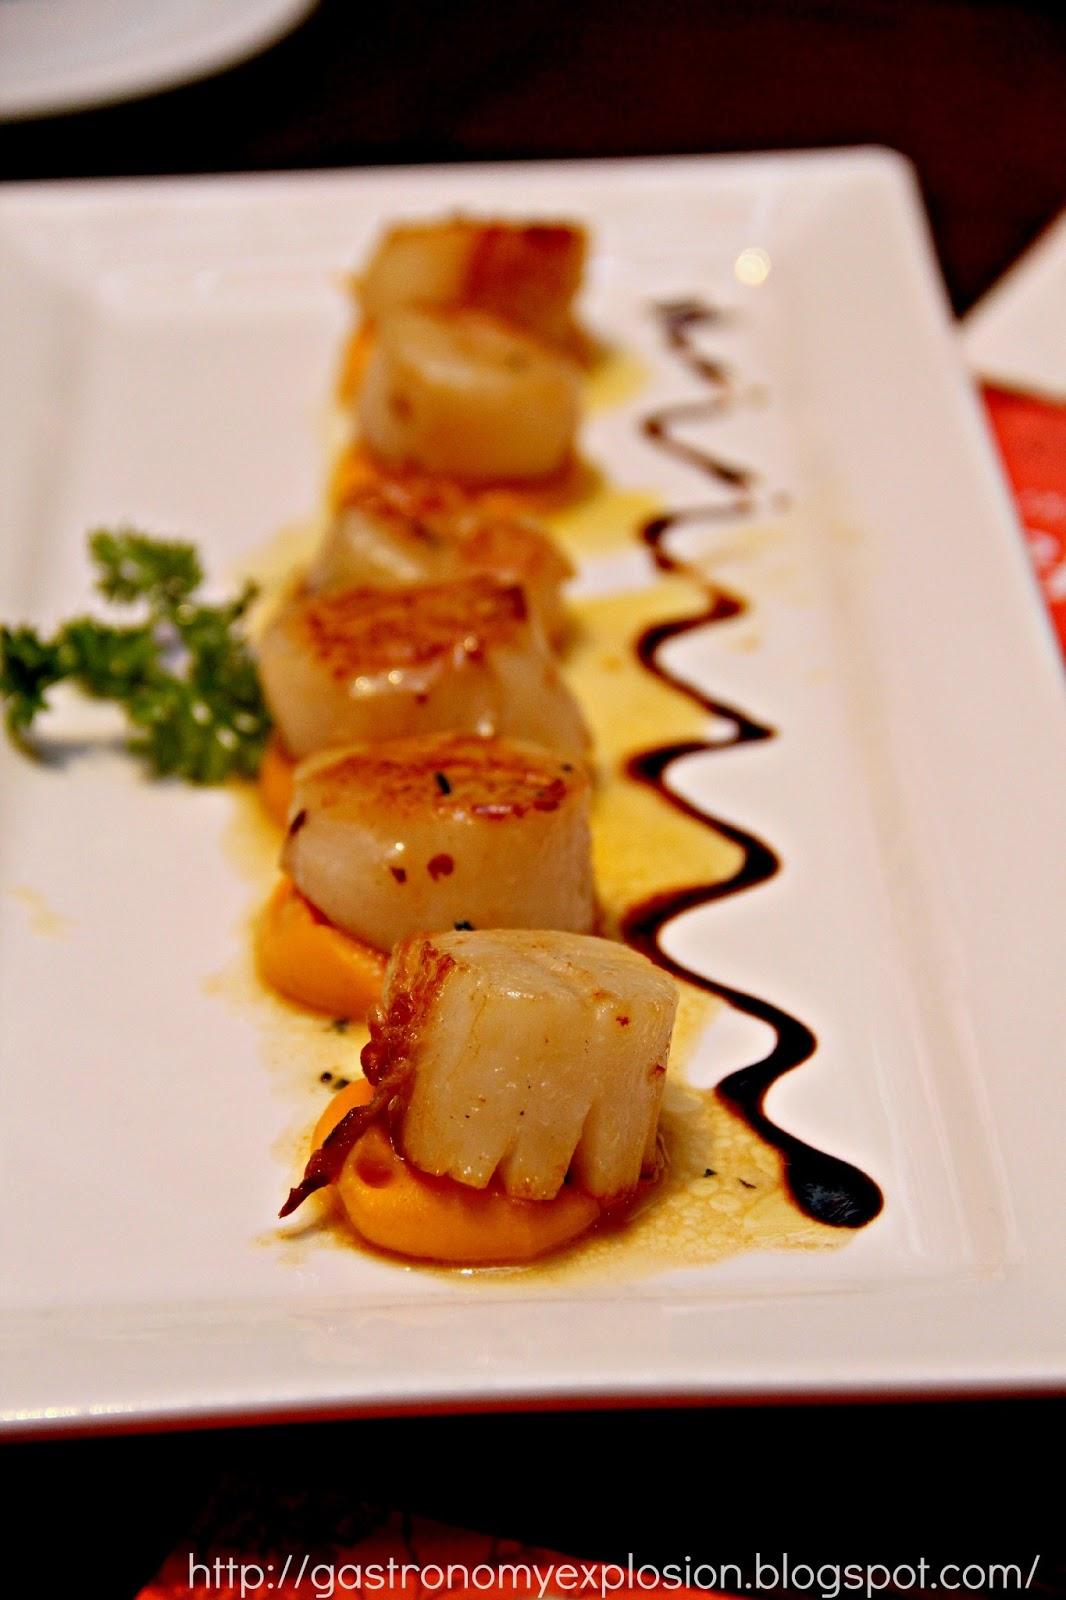 ... juicy seared sea scallops on sweet potato puree and tarragon butter